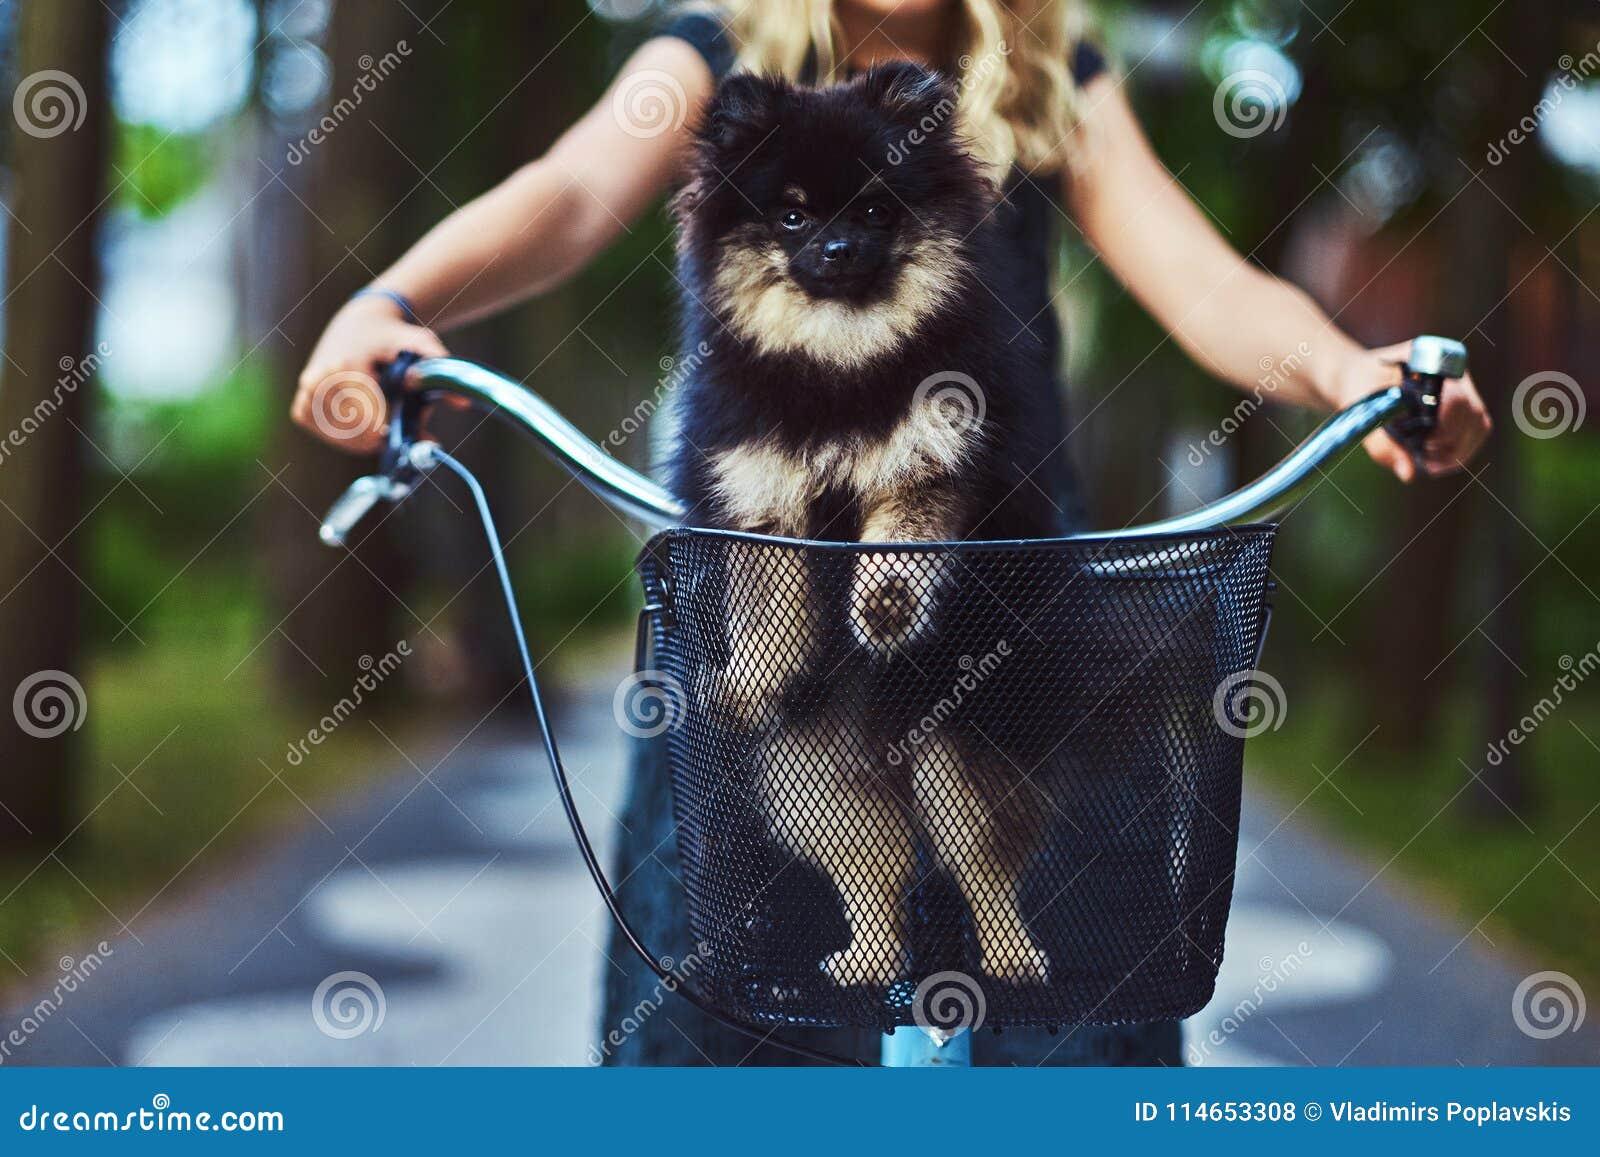 Het portret van een klein blondemeisje in een toevallige kleding, houdt leuke spitz hond Rit op een fiets in het park